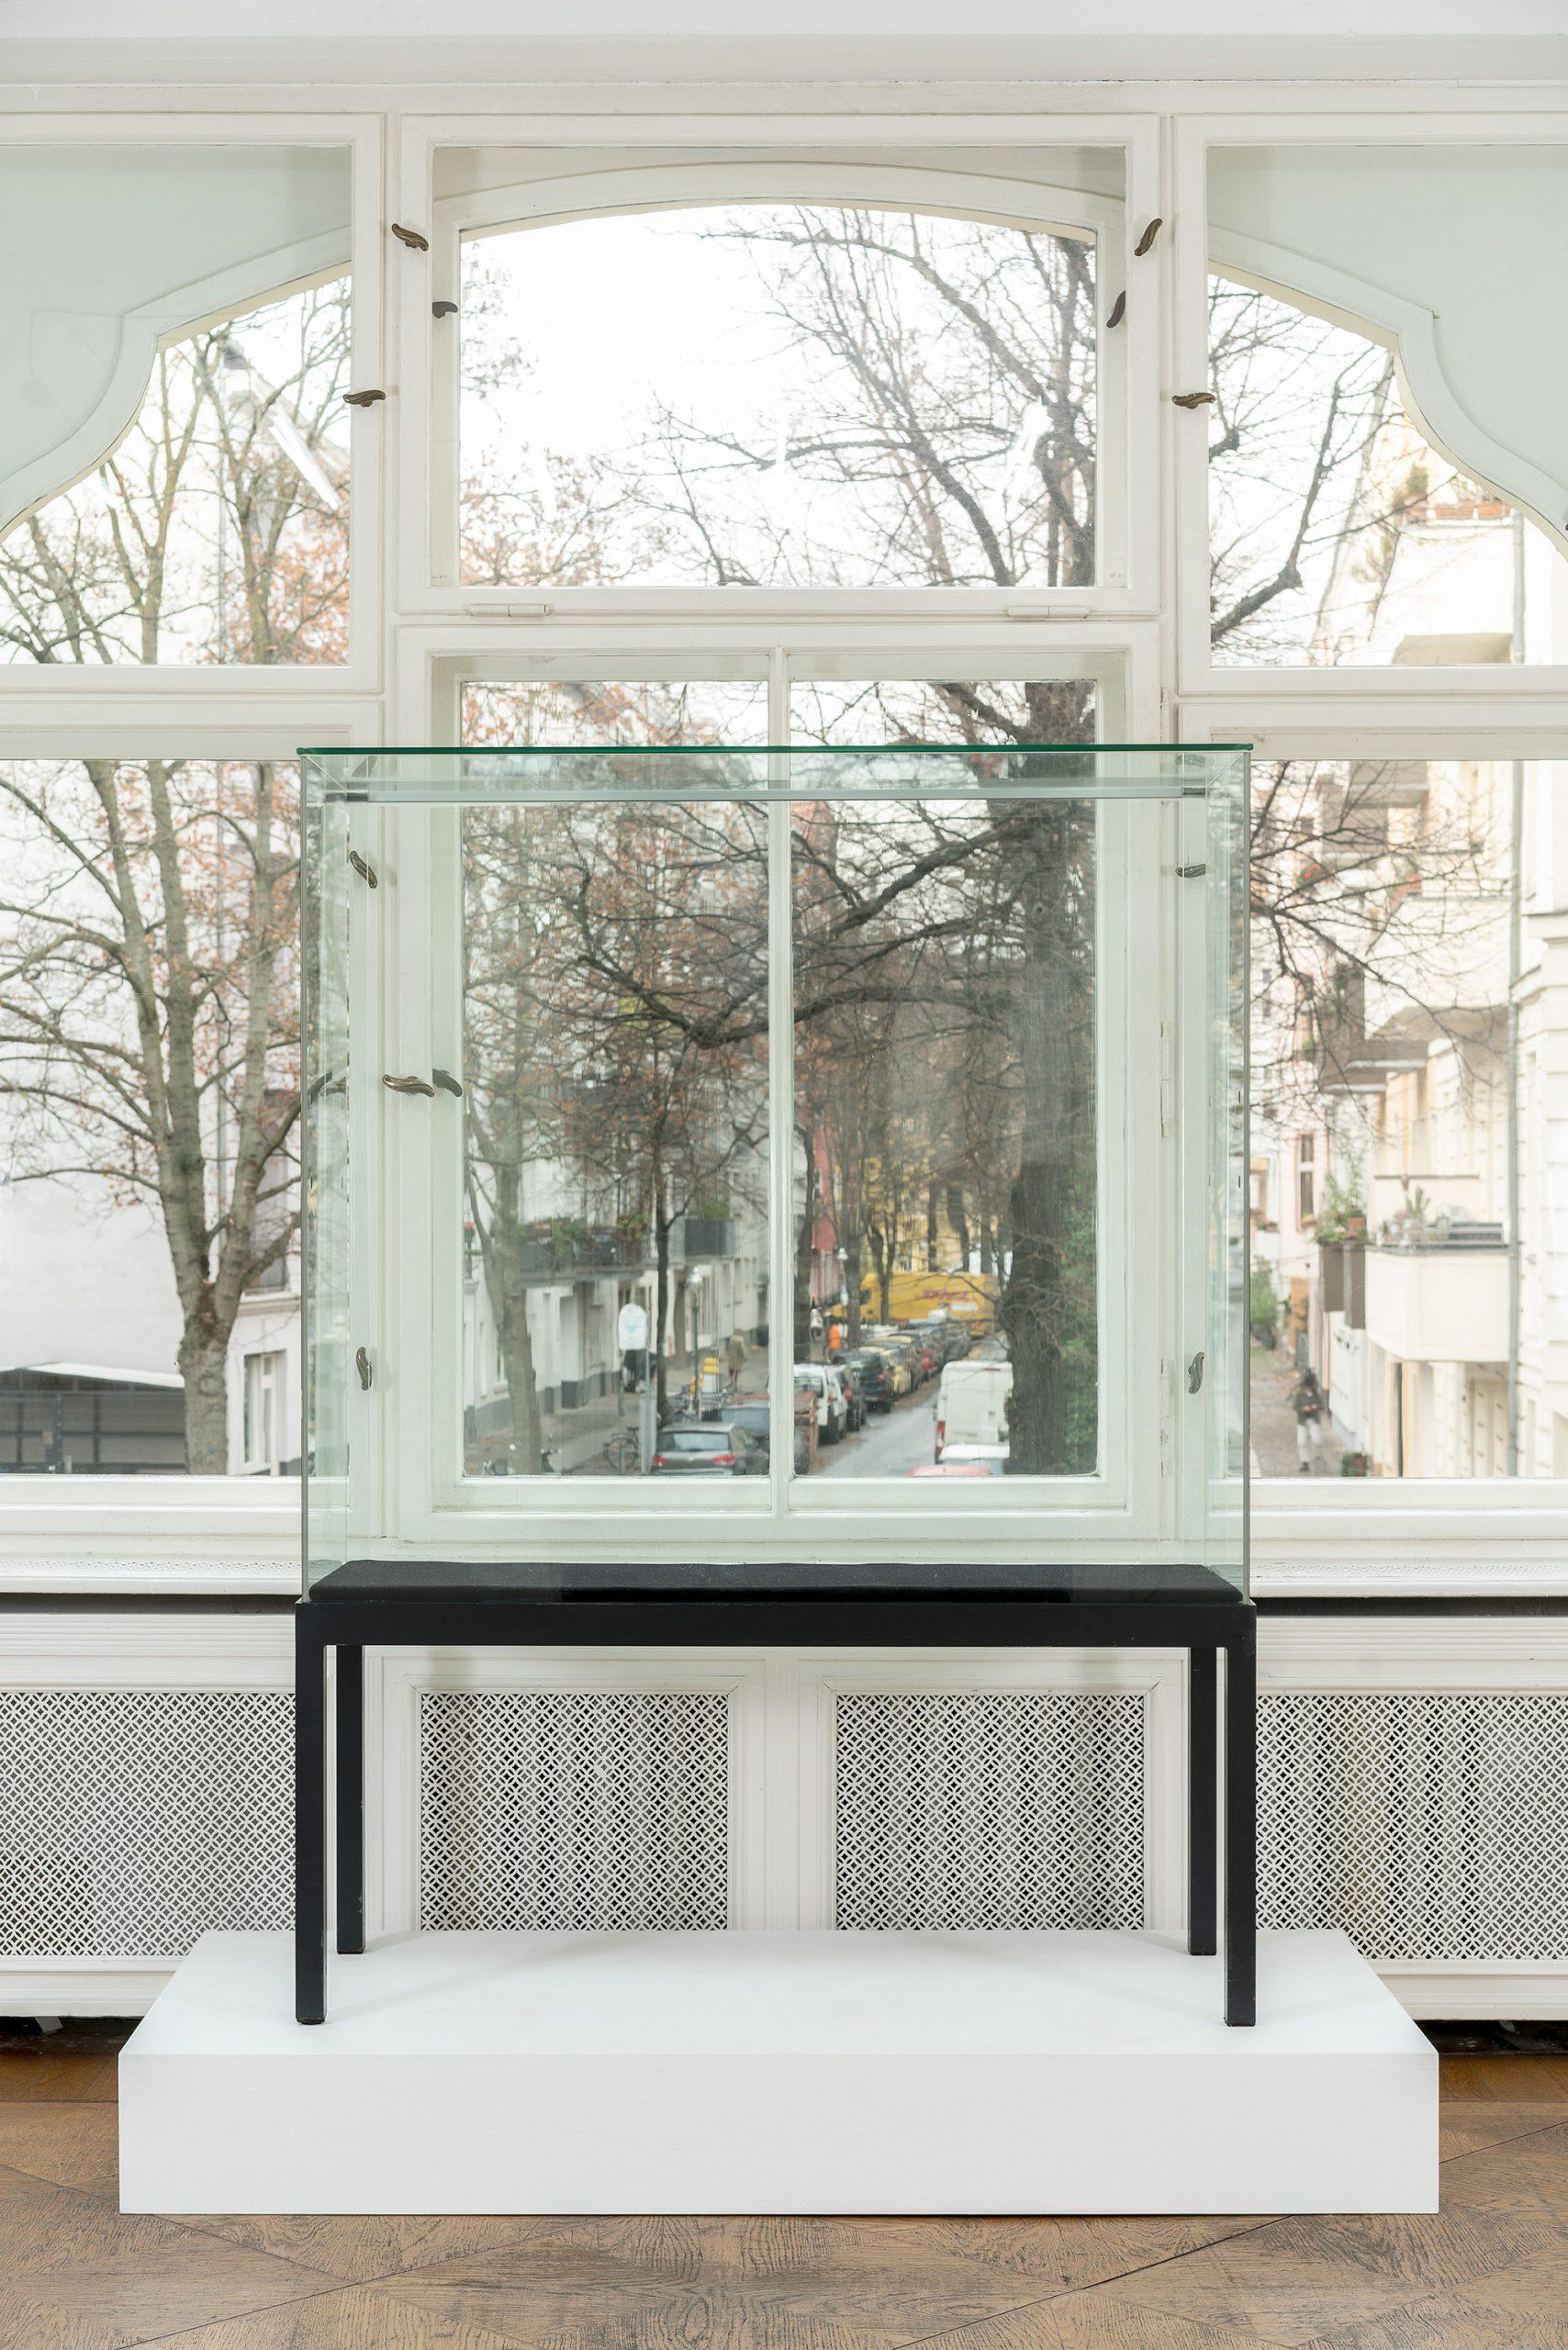 Nicholas Warburg THE OUTSIDE 2020 180 x 130 x 50 cm Display case